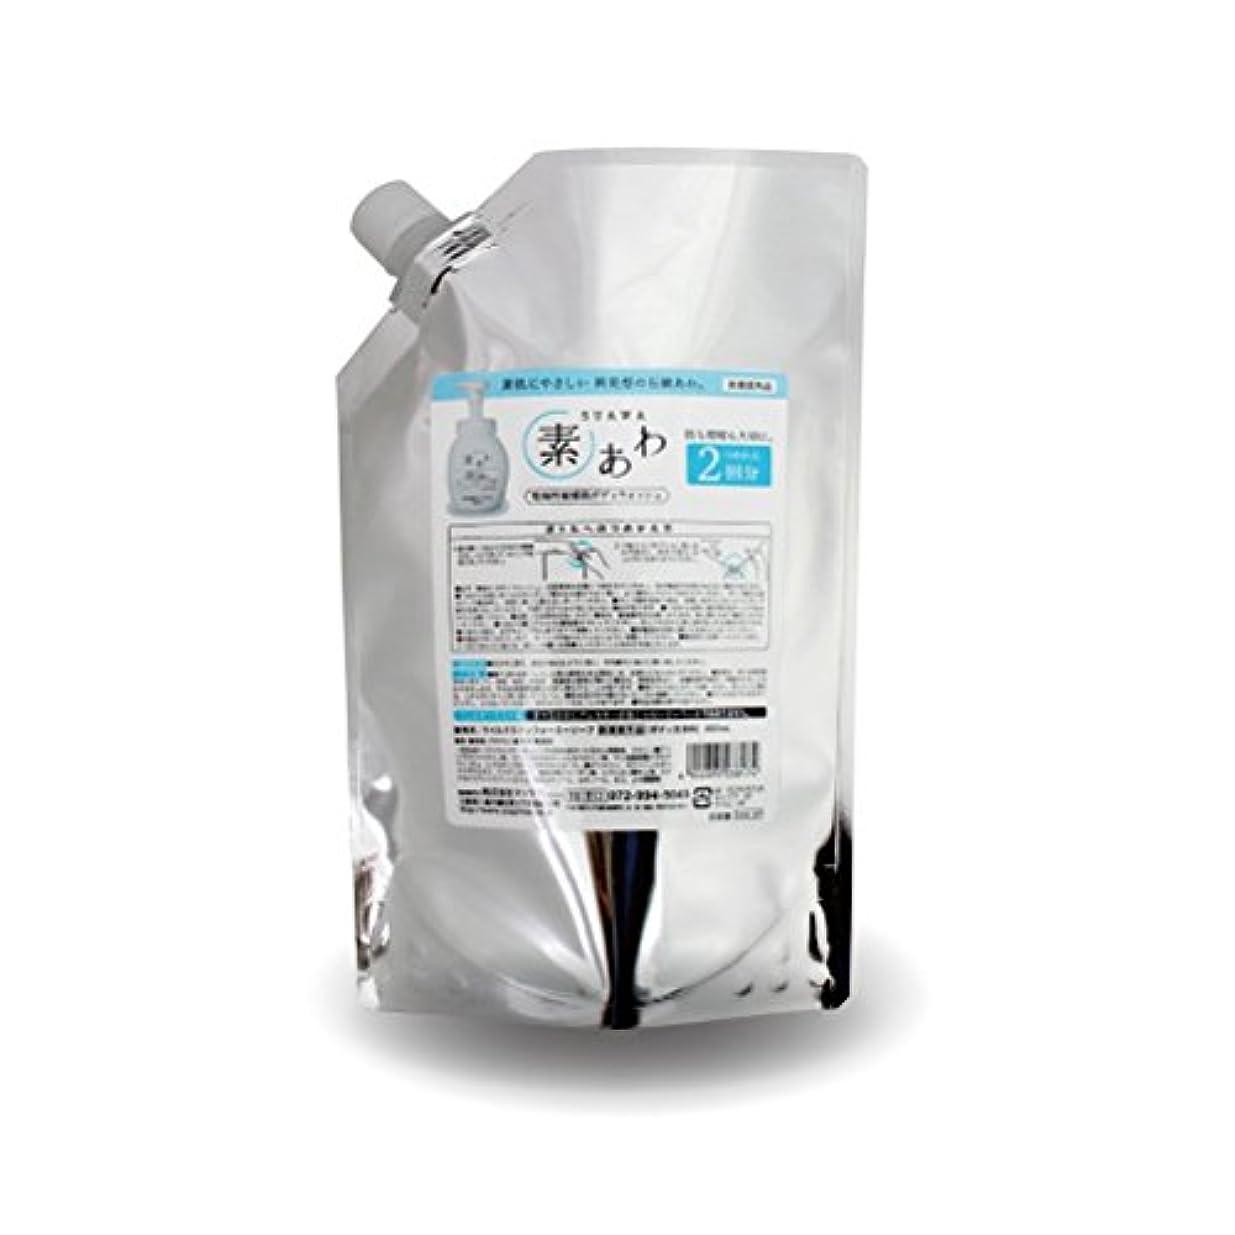 災害喜劇扱いやすい薬用 素あわ 泡タイプ ボディソープ 詰替2回分パウチ 800mL 乾 燥 肌 ? 敏 感 肌 に